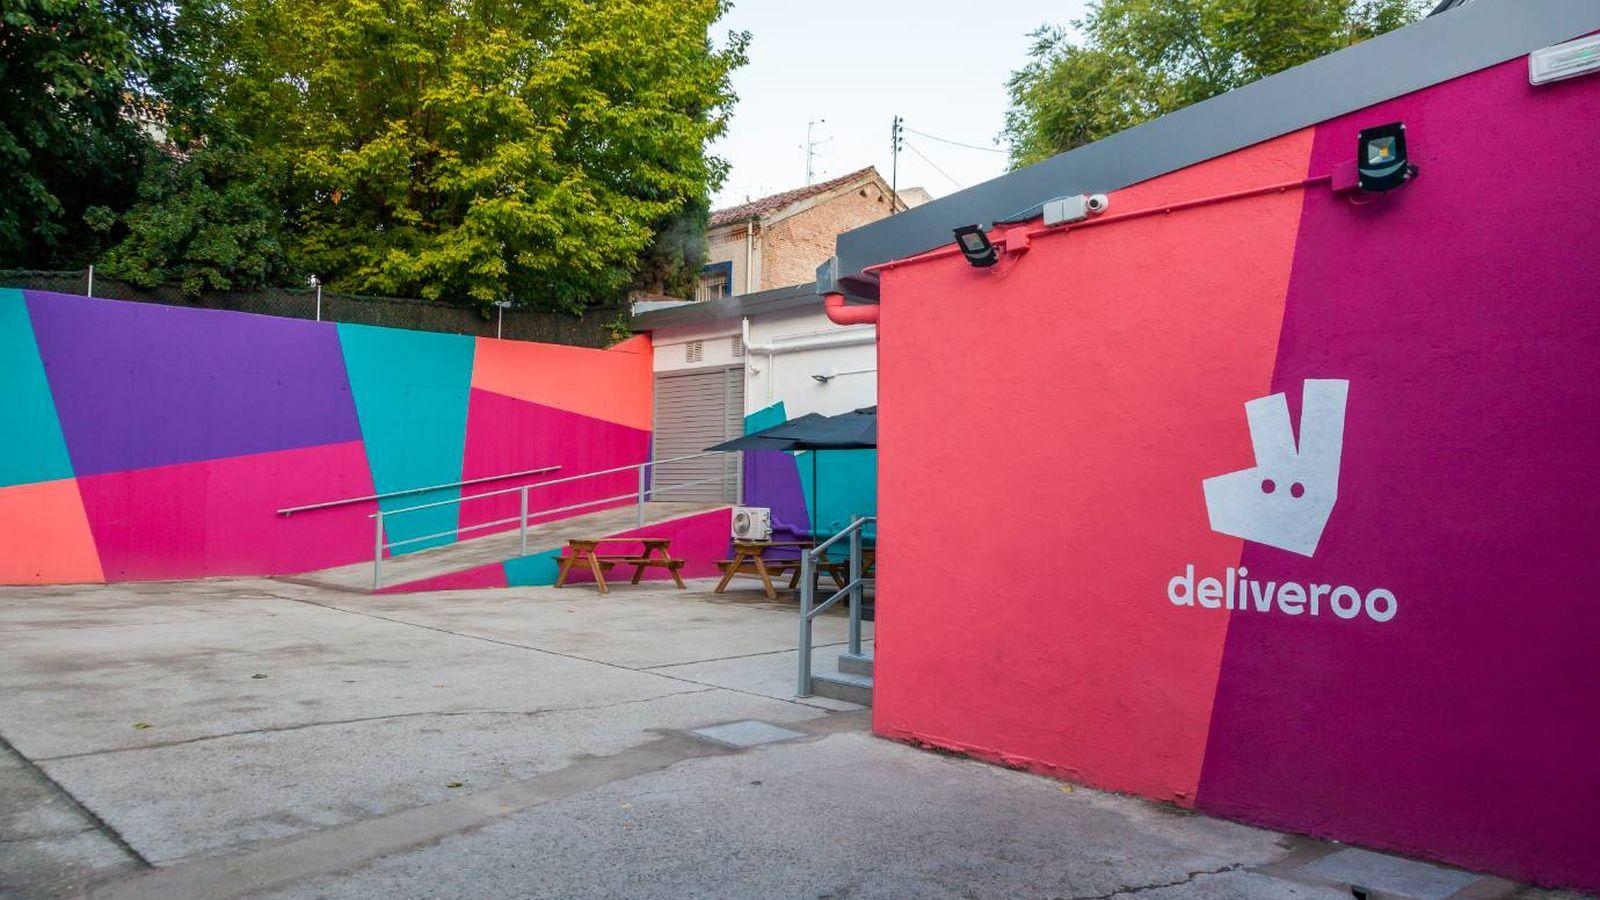 Foto: Así son las 'dark kitchen' de Deliveroo en Madrid. (Imagen cedida por la empresa)